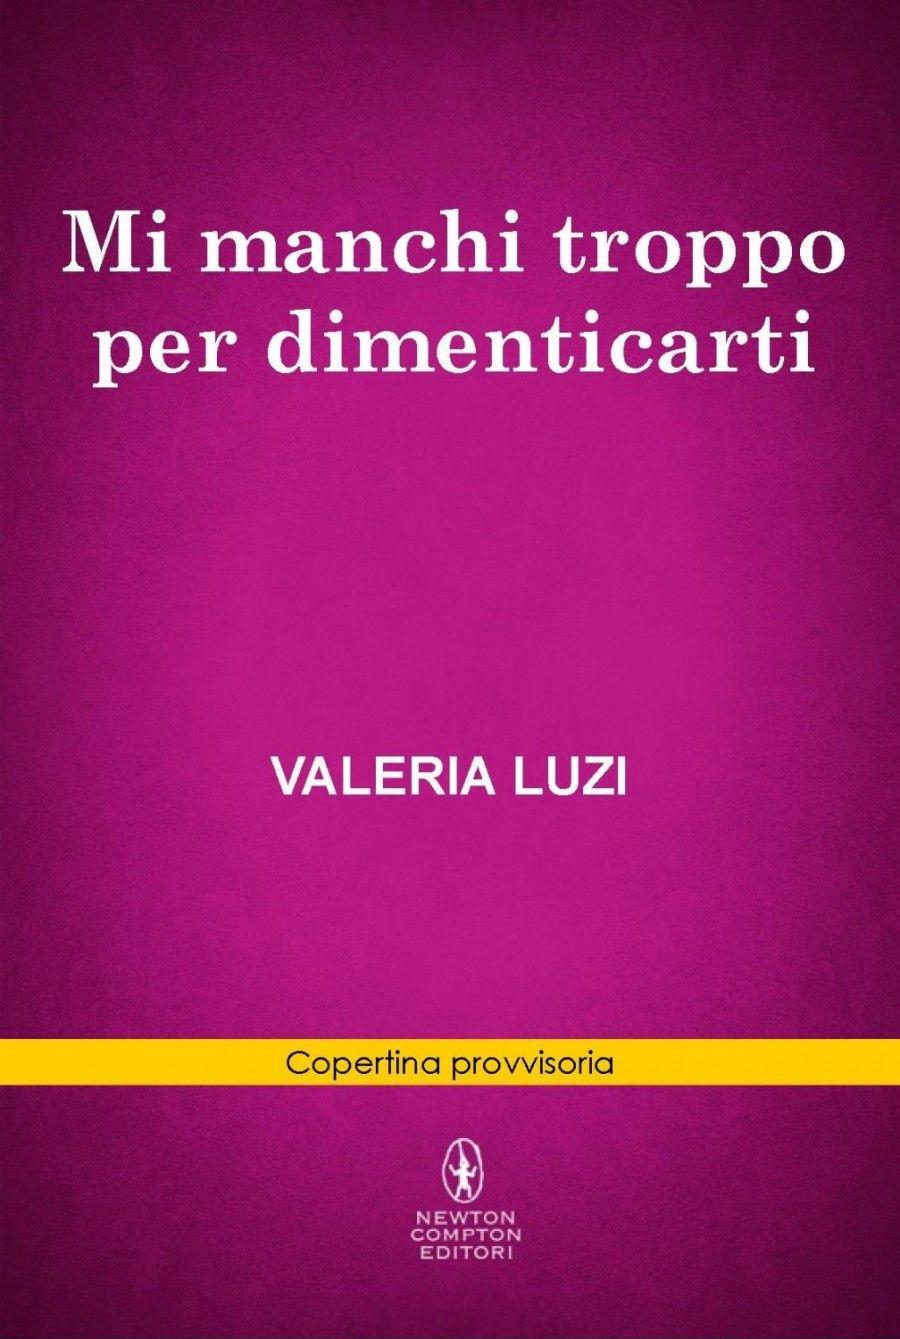 Mi manchi troppo per dimenticarti di Valeria Luzi